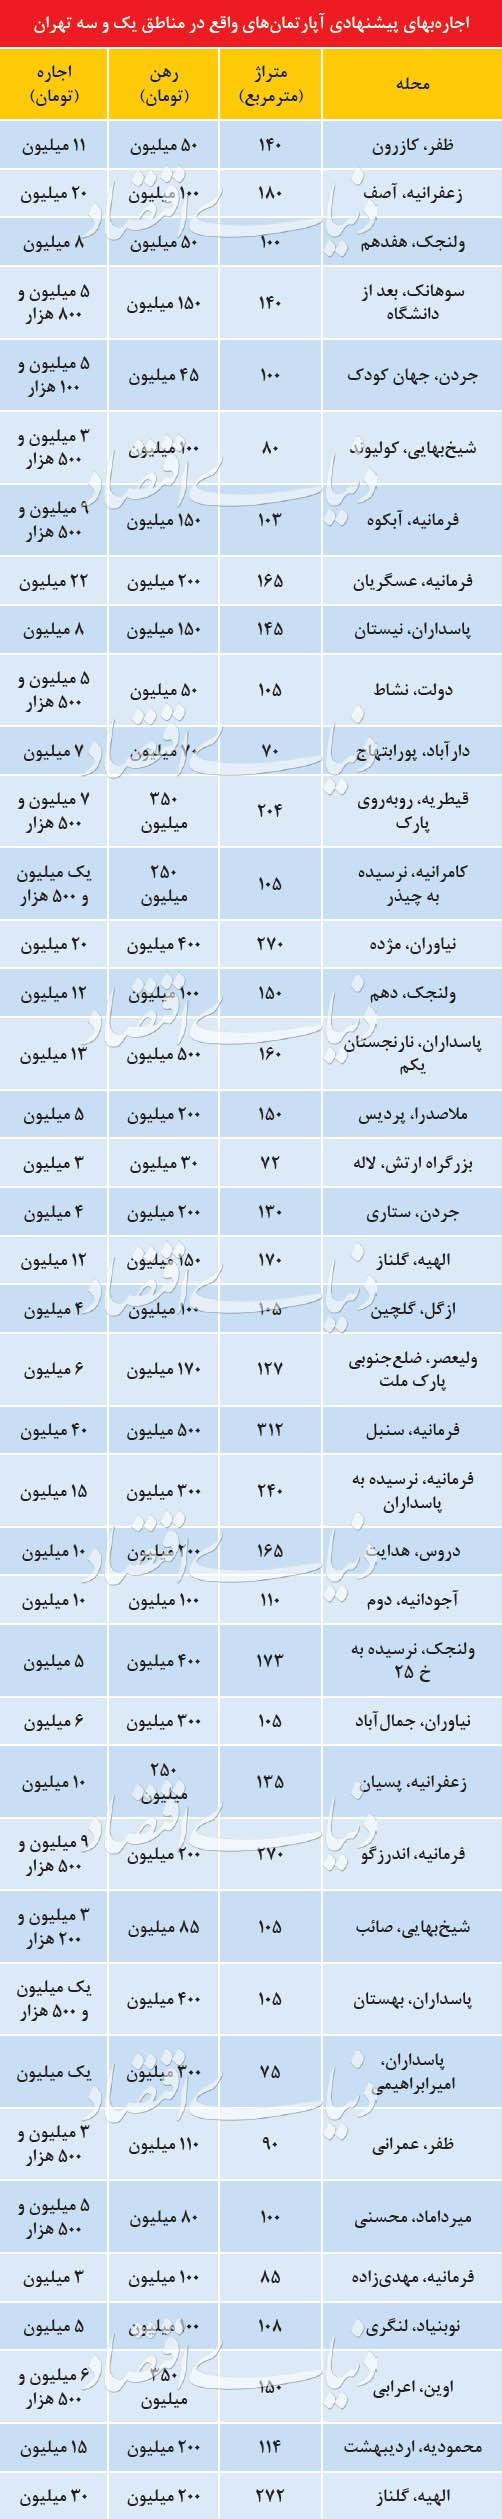 مروری بر قیمت واحد های مسکونی در مناطق 1 و 3 تهران